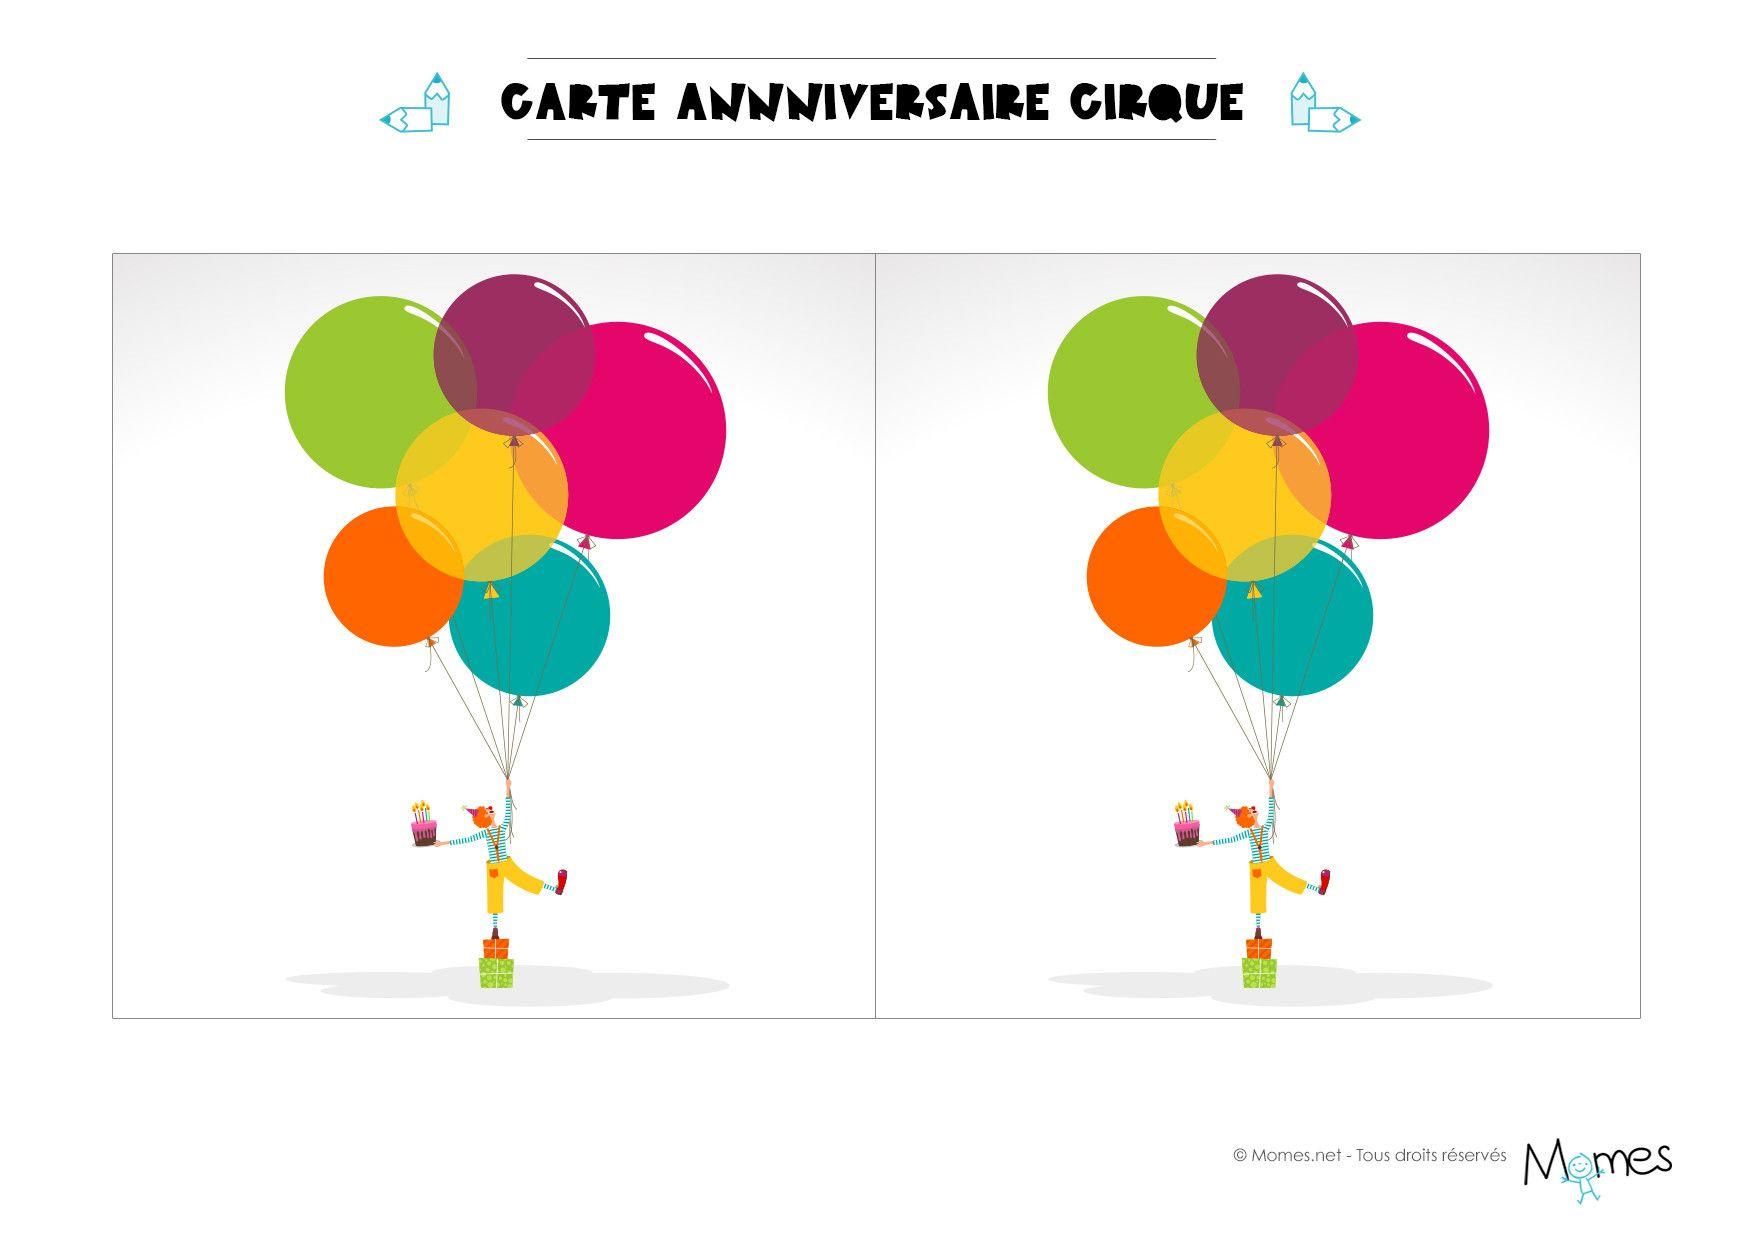 Carte D Anniversaire A Imprimer Winx Inspirational Carte Anniversaire Cirque A I Carte Anniversaire A Imprimer Carte Anniversaire Carte Invitation Anniversaire